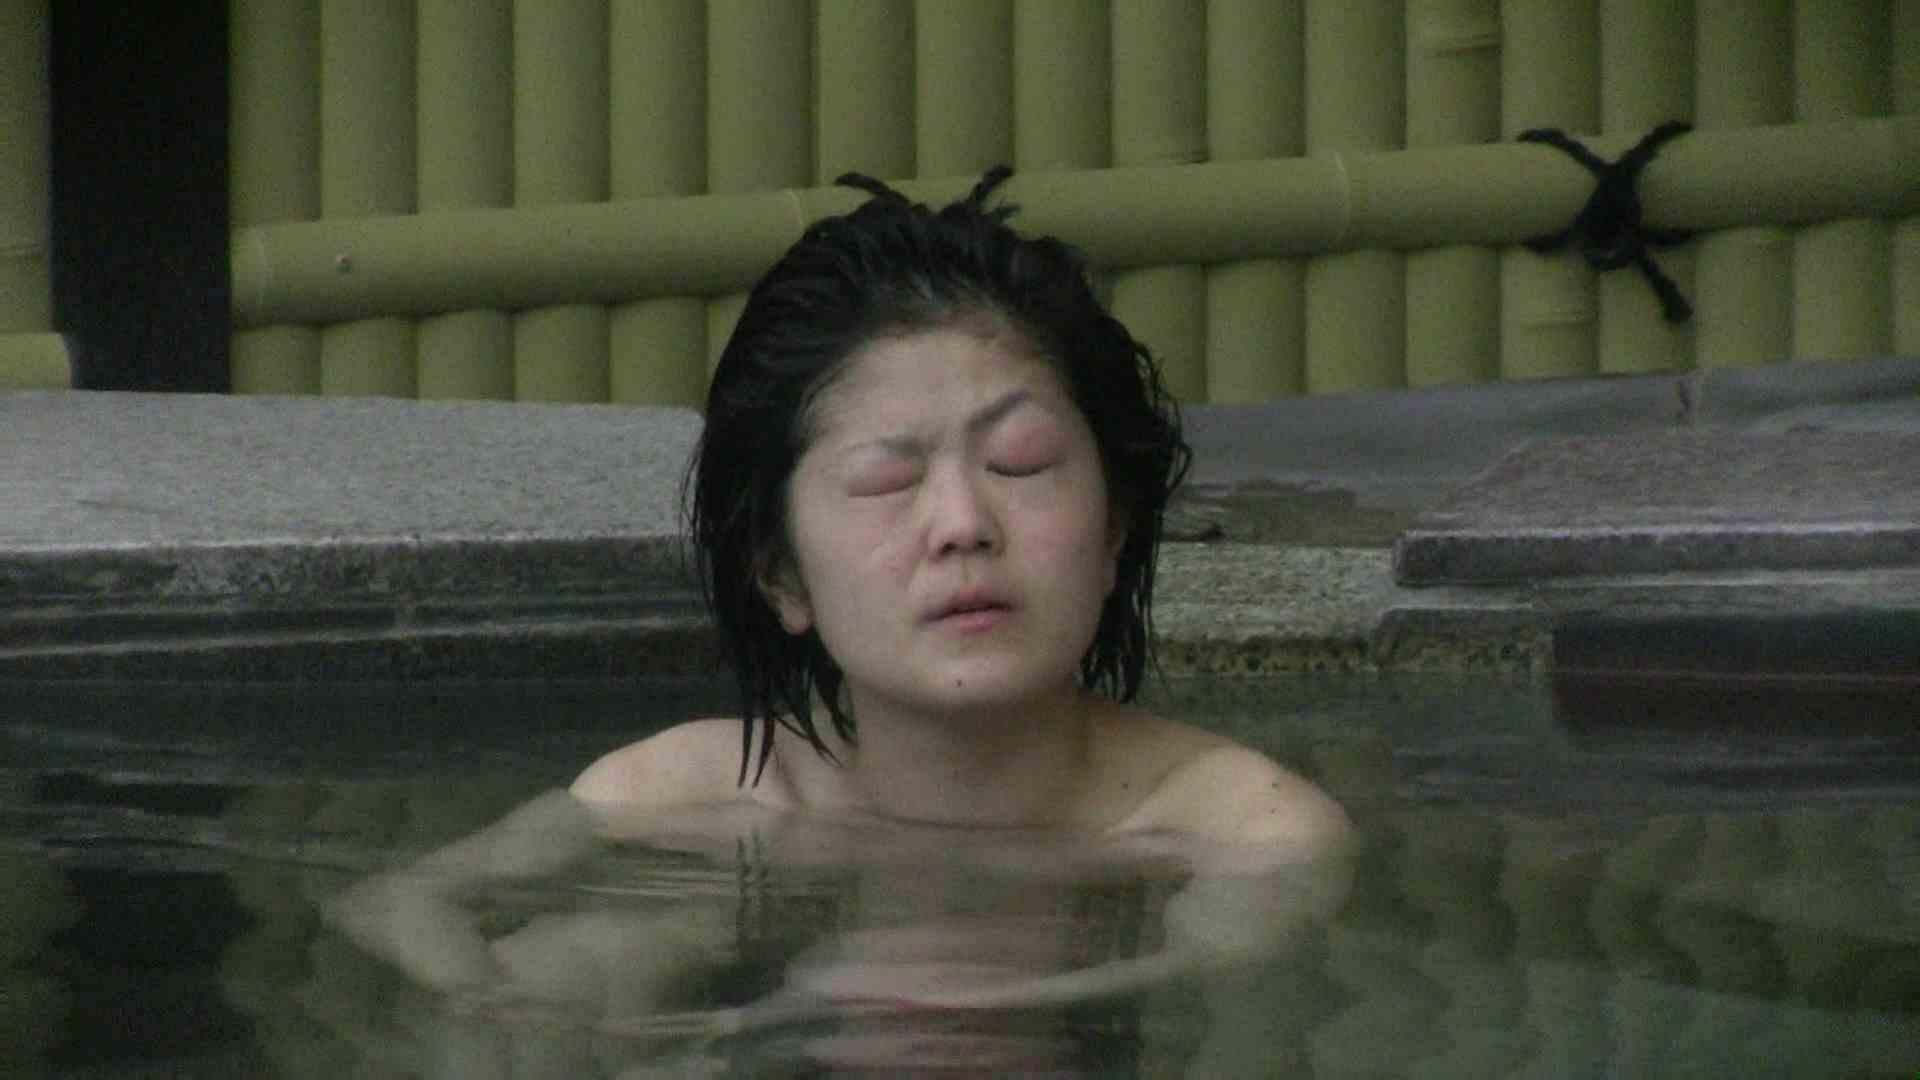 Aquaな露天風呂Vol.538 露天 | 盗撮  48pic 19